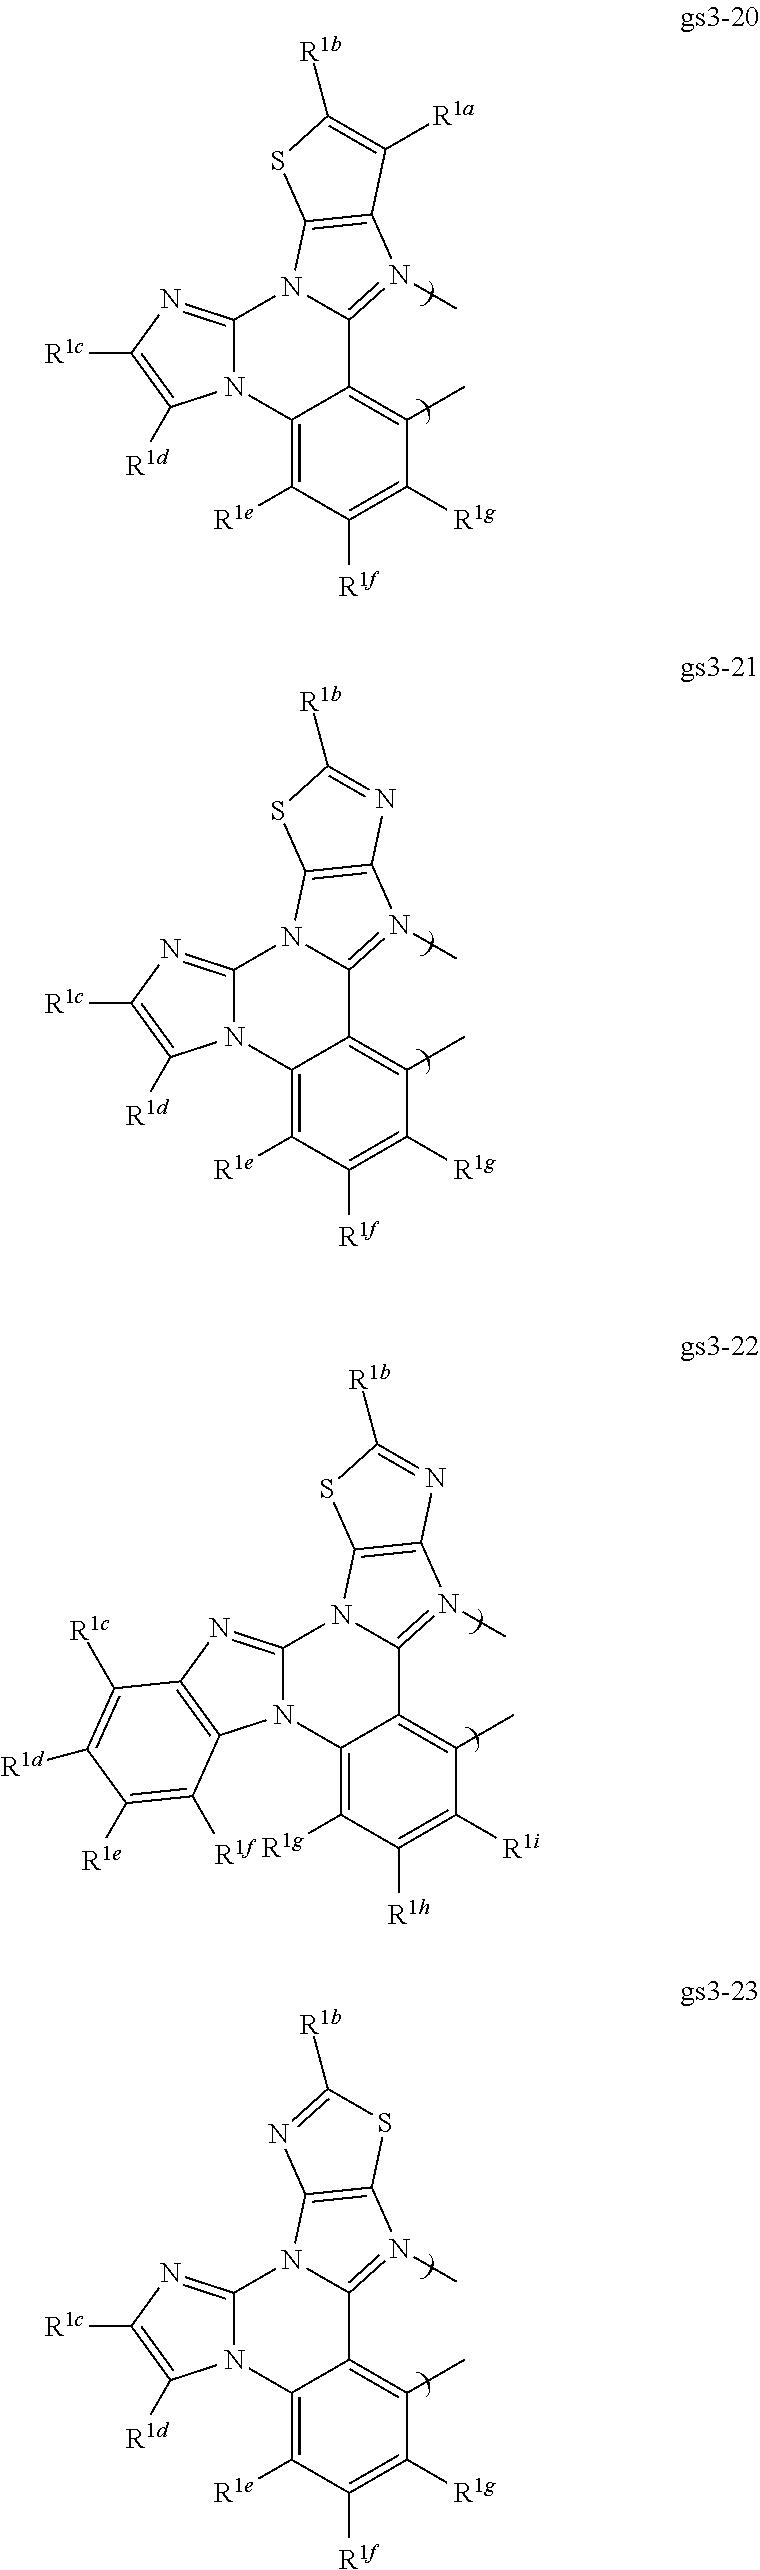 Figure US20110073849A1-20110331-C00184